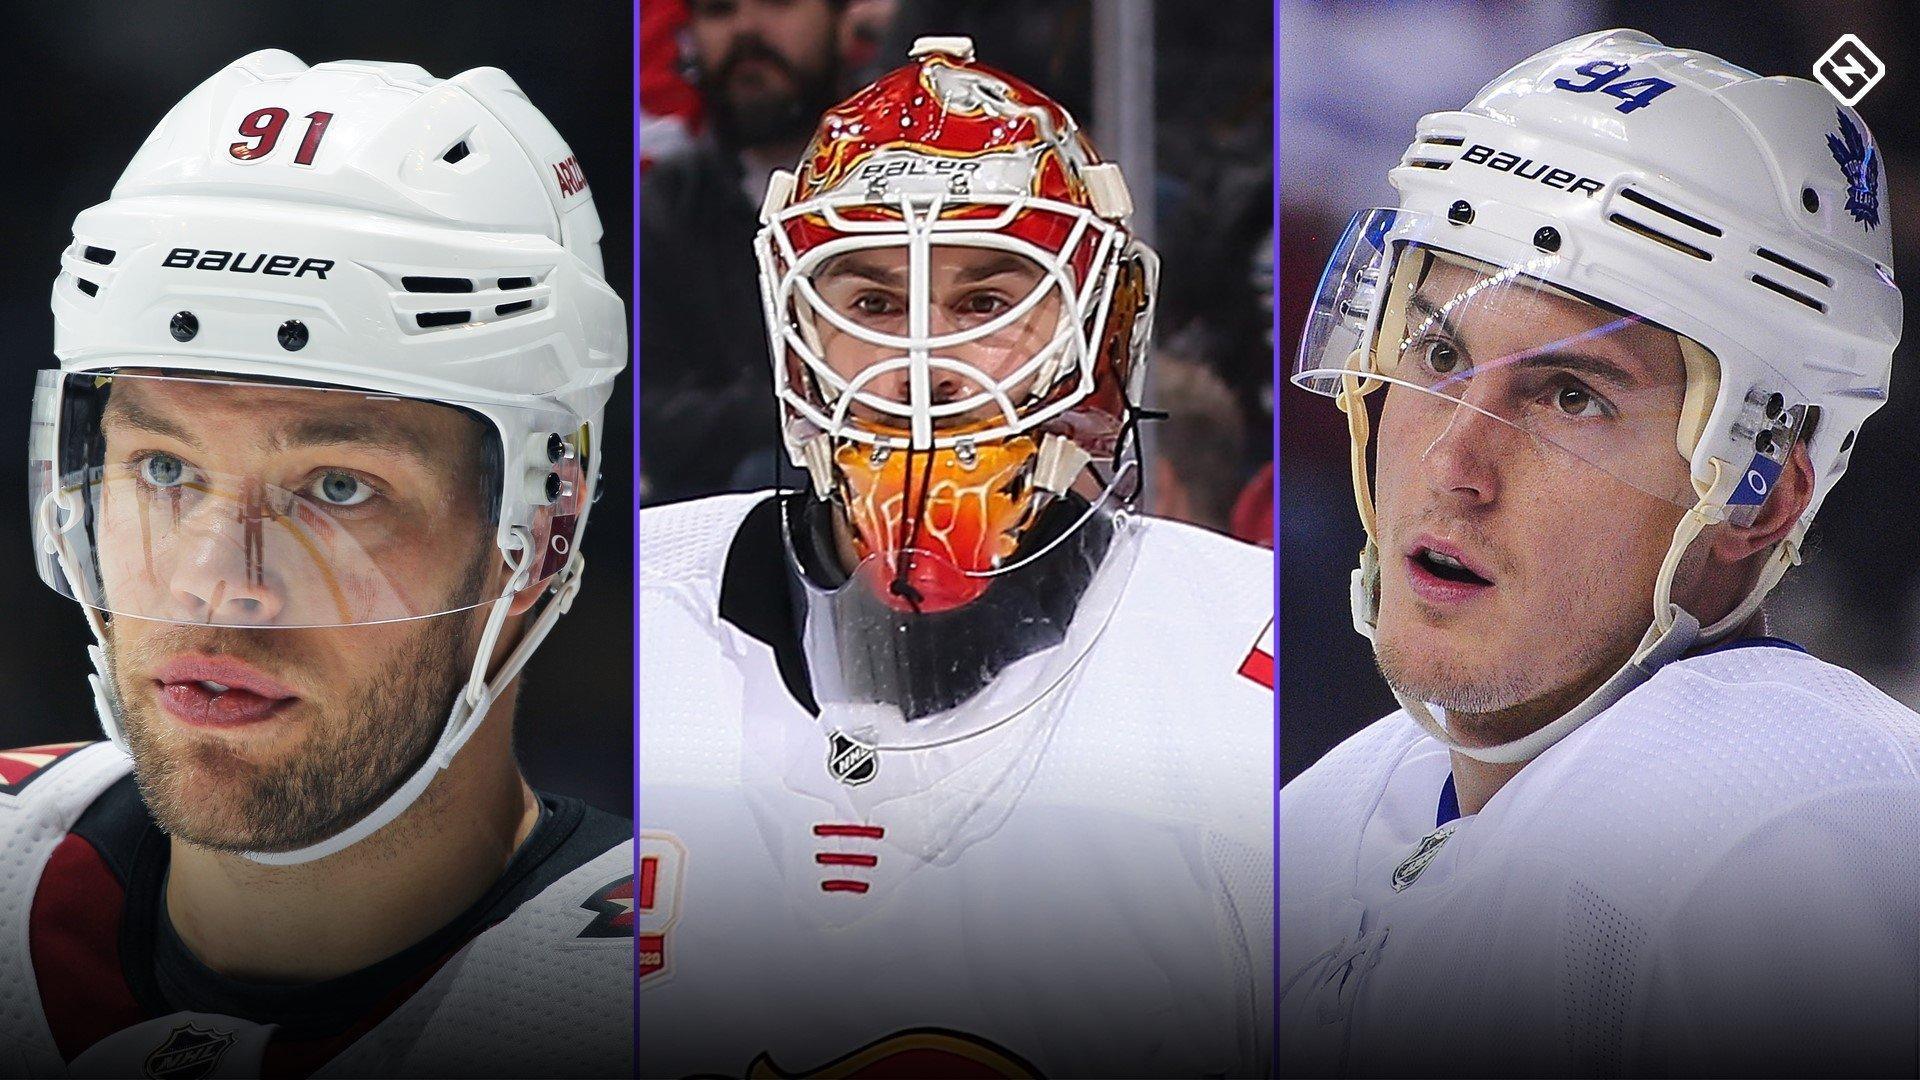 Rastreador de agencia libre de la NHL 2020 lista completa